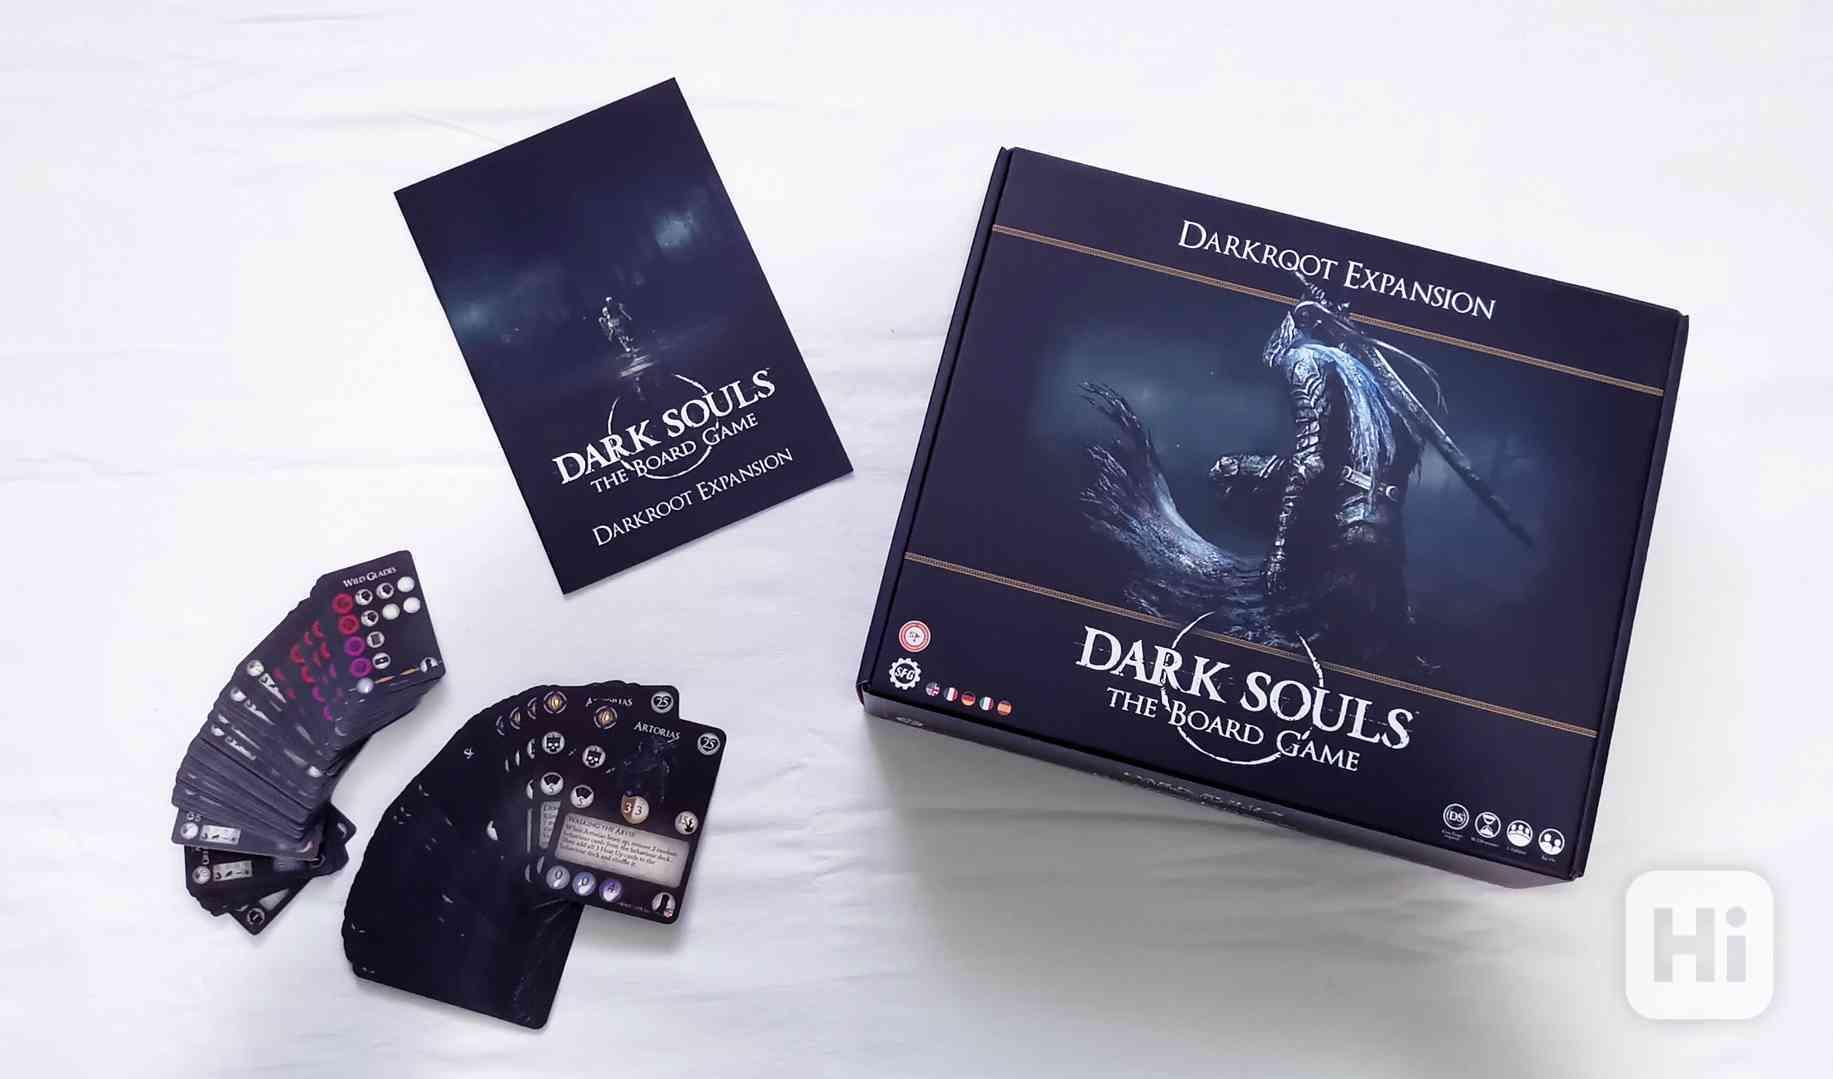 Dark Souls Darkroot Expansion - Desková hra - foto 1